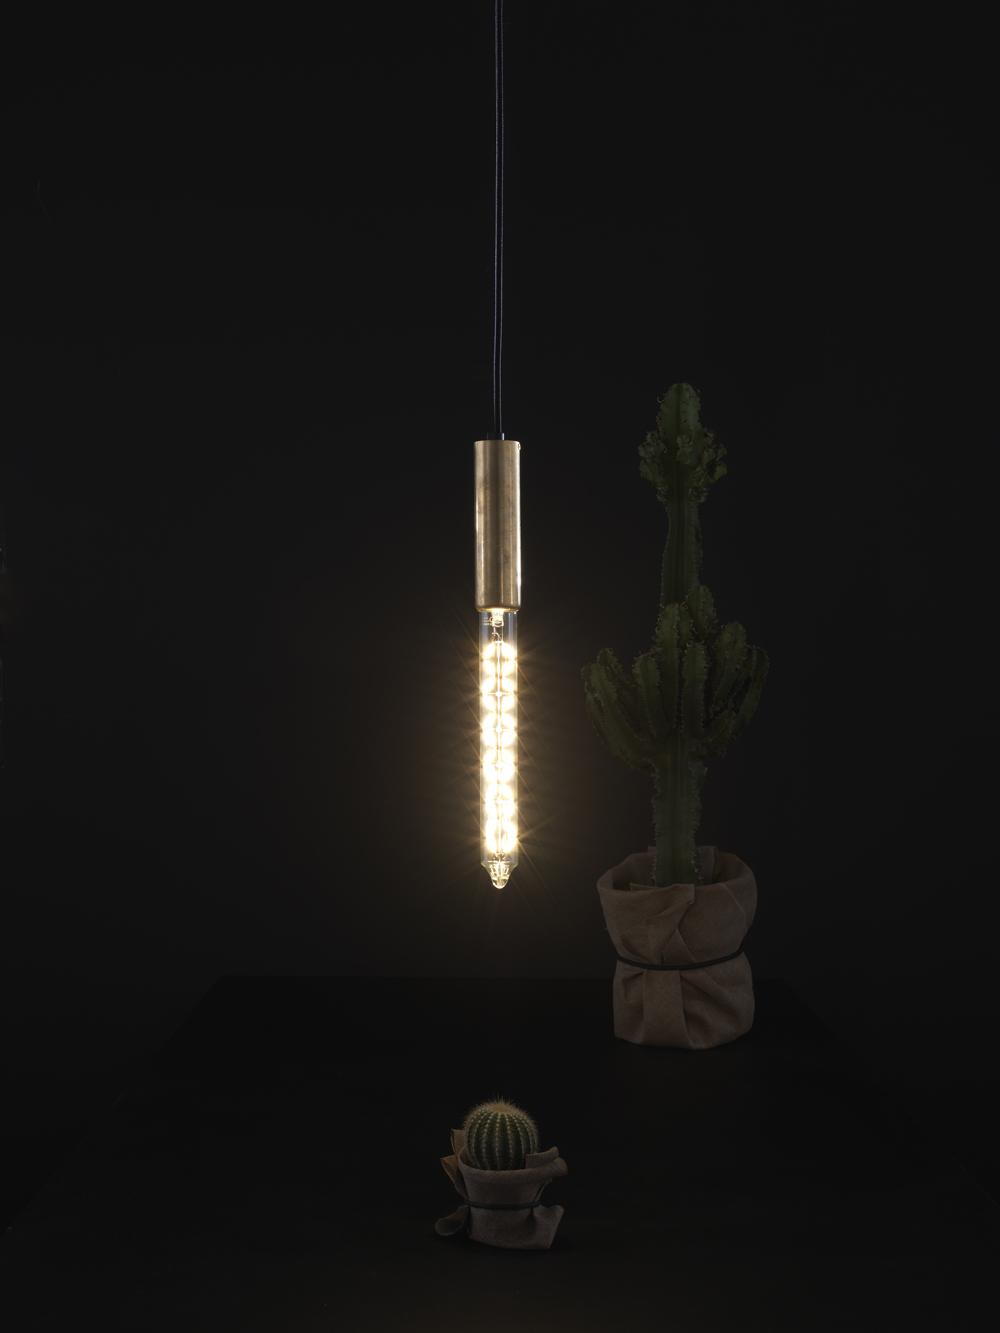 Vesoi Подвесной светильник Fuse от итальянского бренда Vesoi